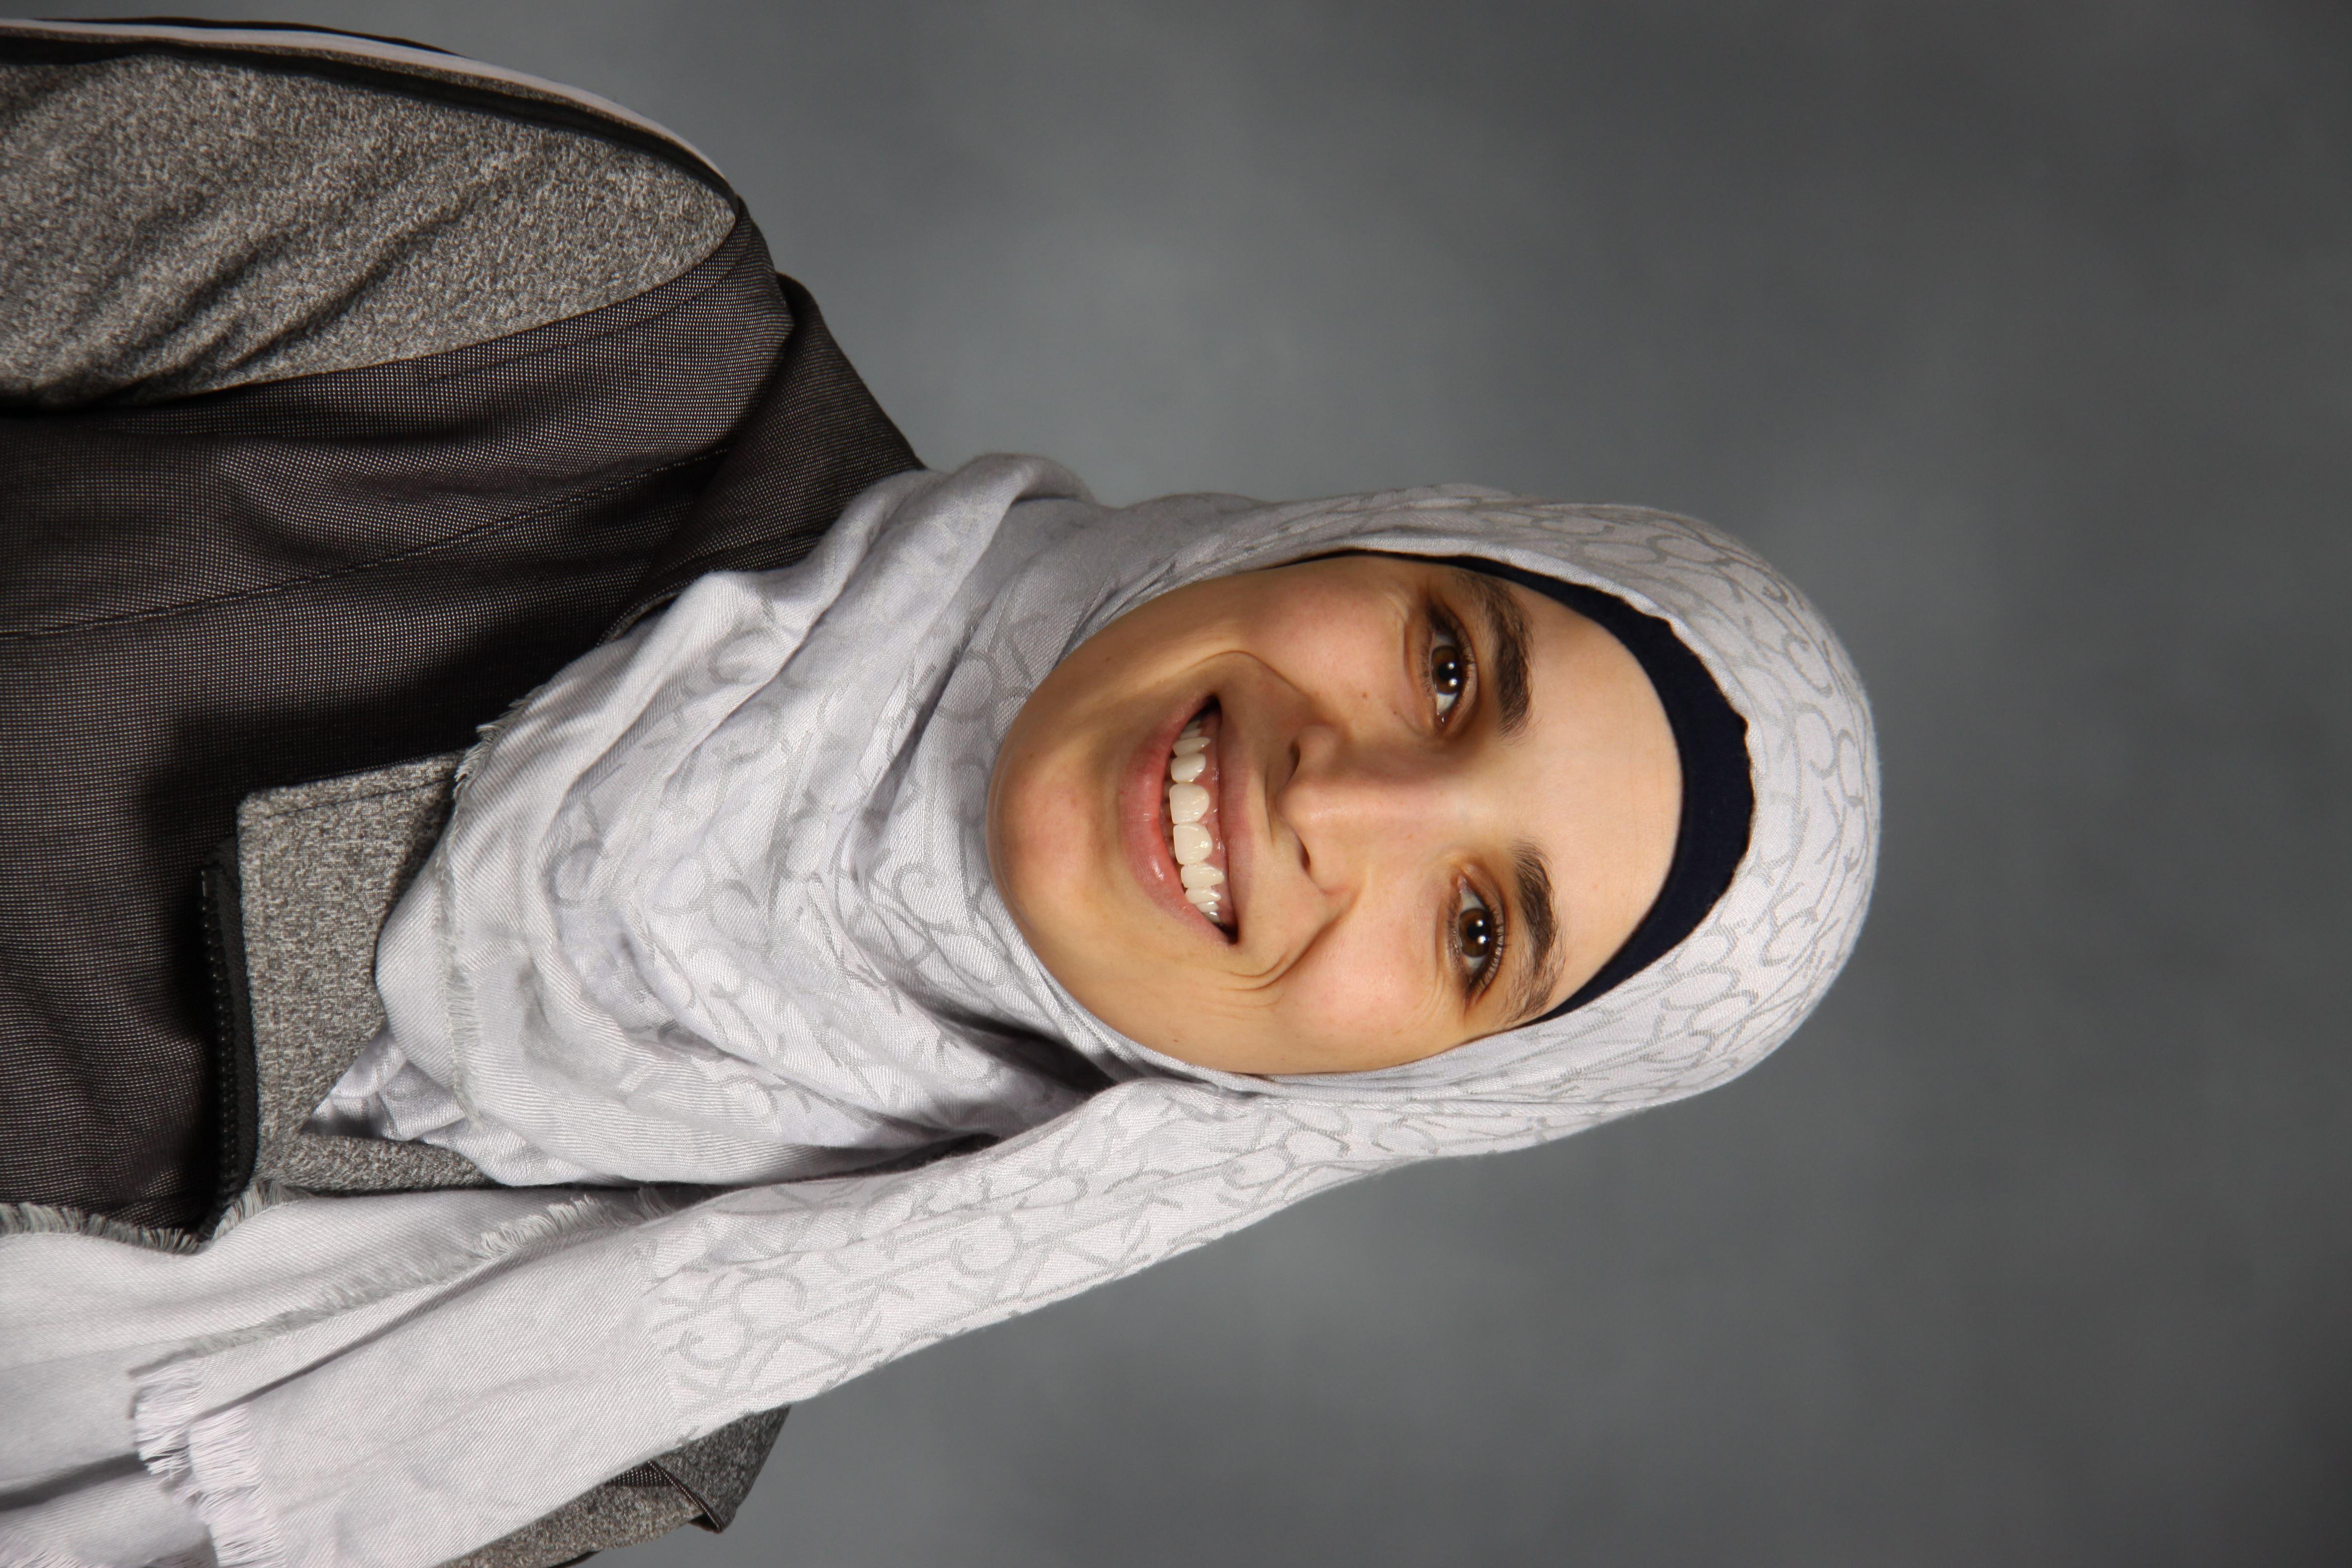 Waed Albakawi